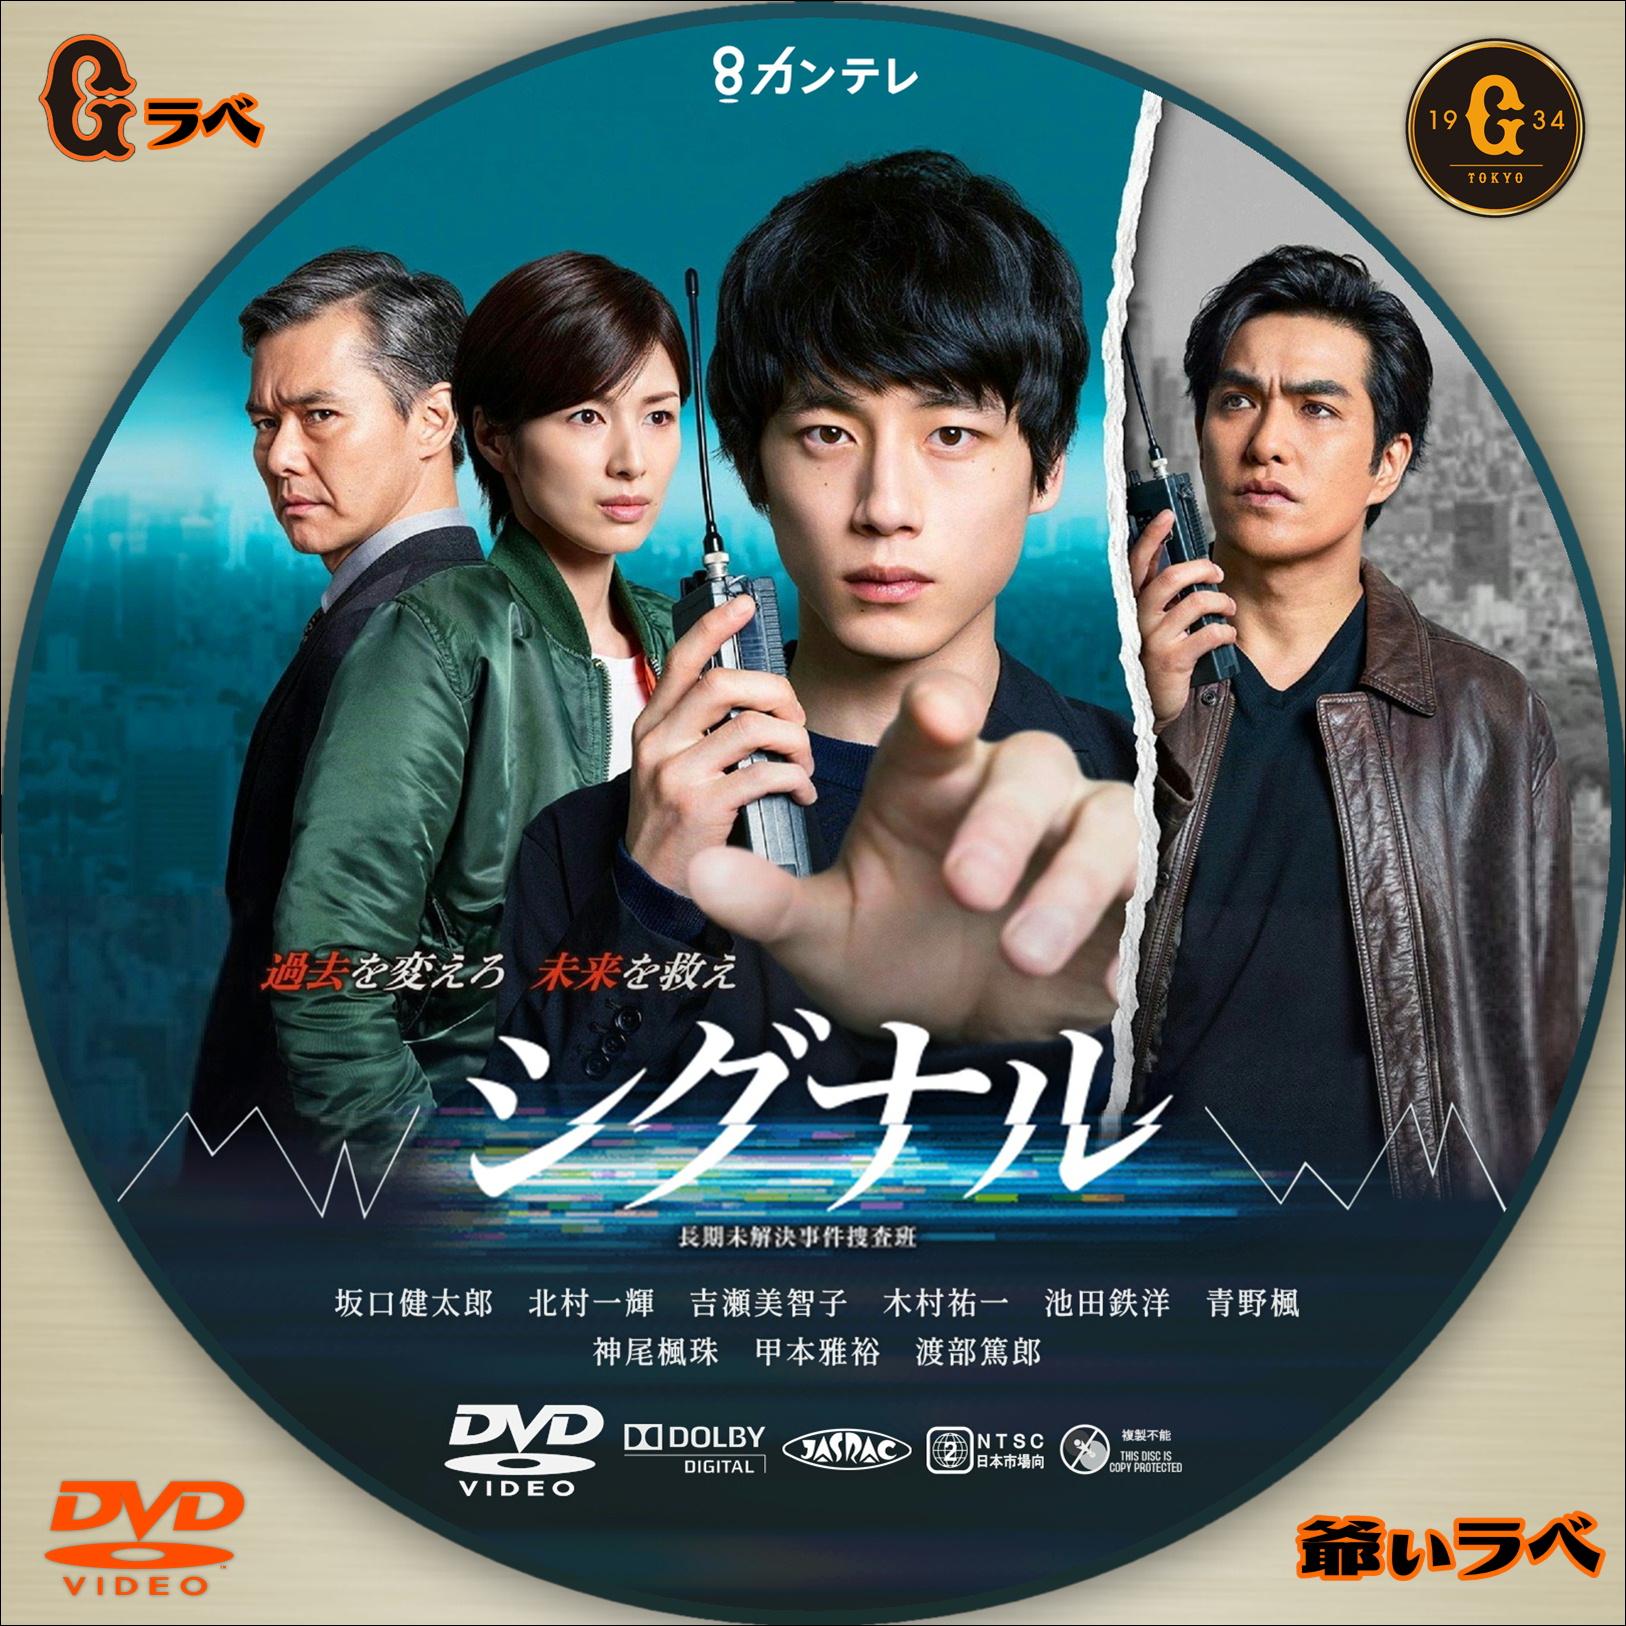 シグナル 長期未解決事件捜査班(DVD)